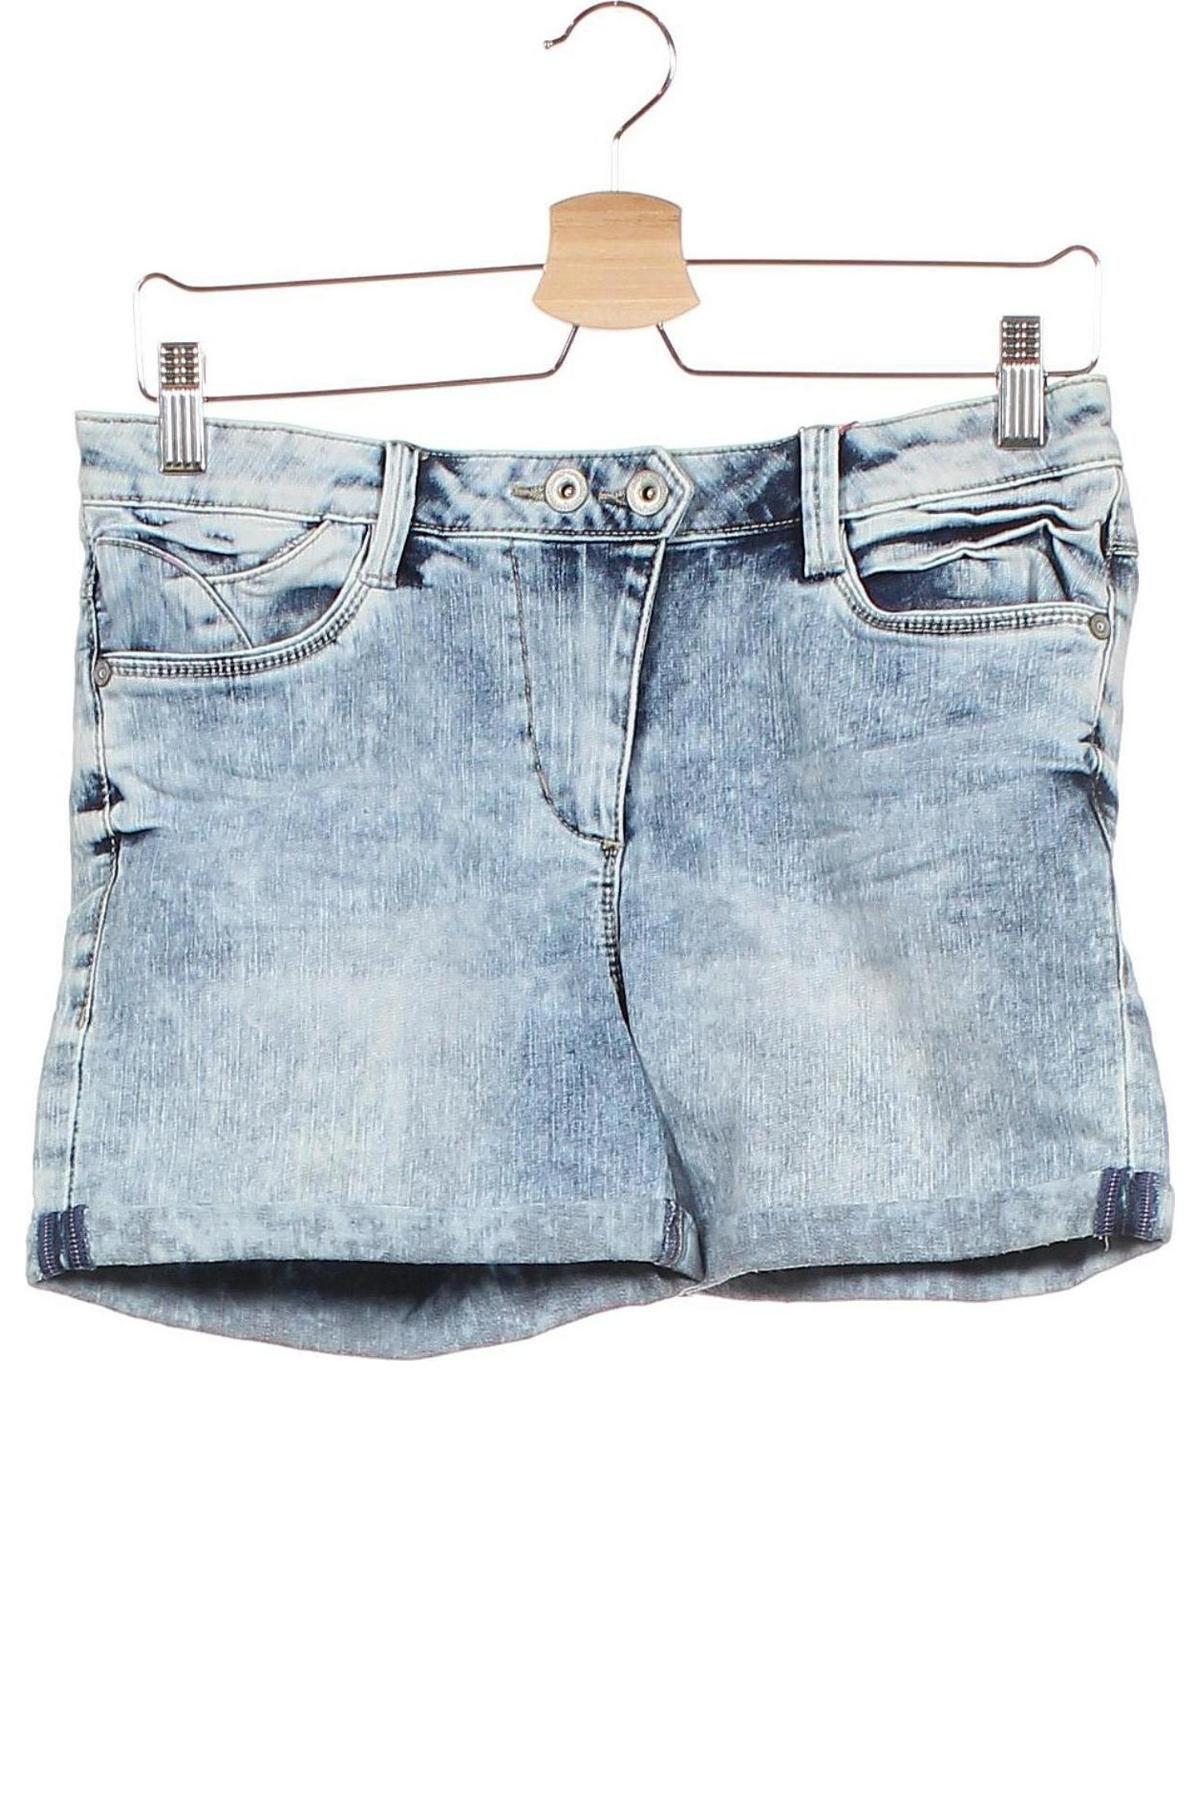 Παιδικό κοντό παντελόνι S.Oliver, Μέγεθος 14-15y/ 168-170 εκ., Χρώμα Μπλέ, 66% βαμβάκι, 29% πολυεστέρας, 3% βισκόζη, 2% ελαστάνη, Τιμή 16,88€